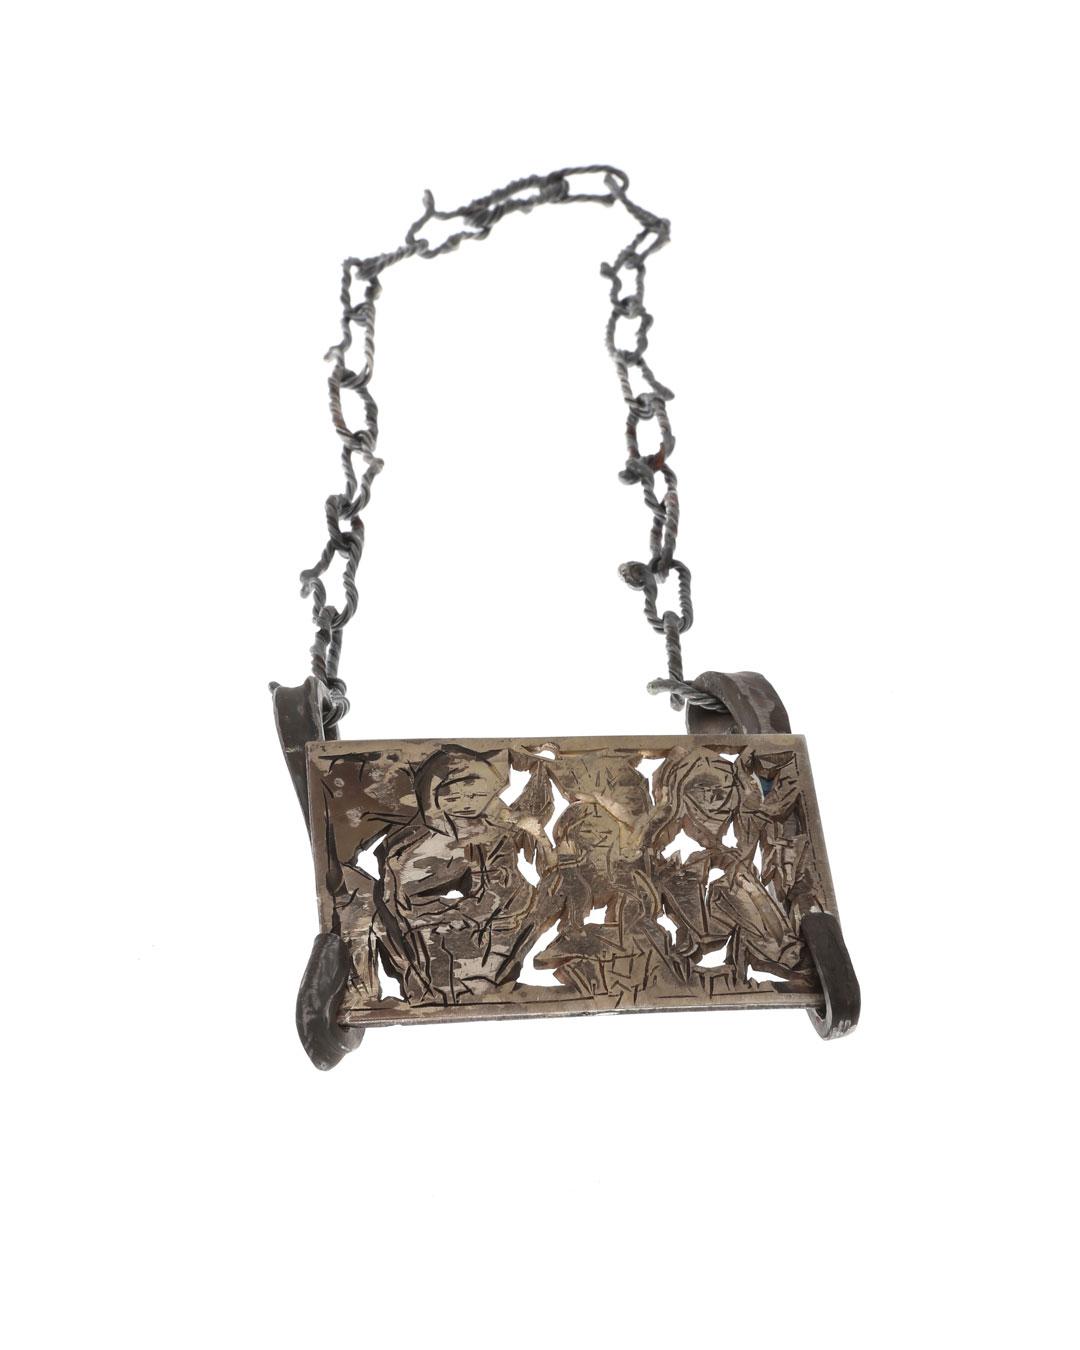 Rudolf Kocéa, Beyoncé Family, 2018, necklace; silver, copper, titanium, 100 x 100 x 20 mm, €3500